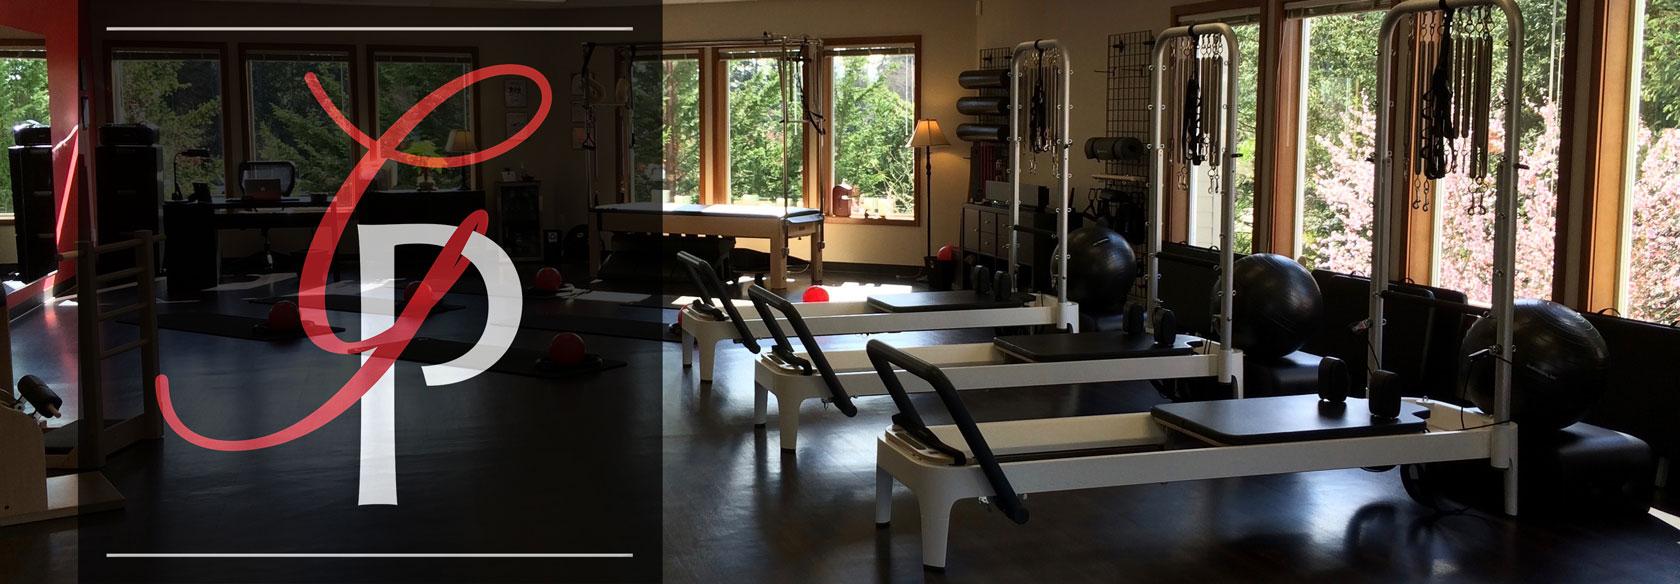 Galante Pilates